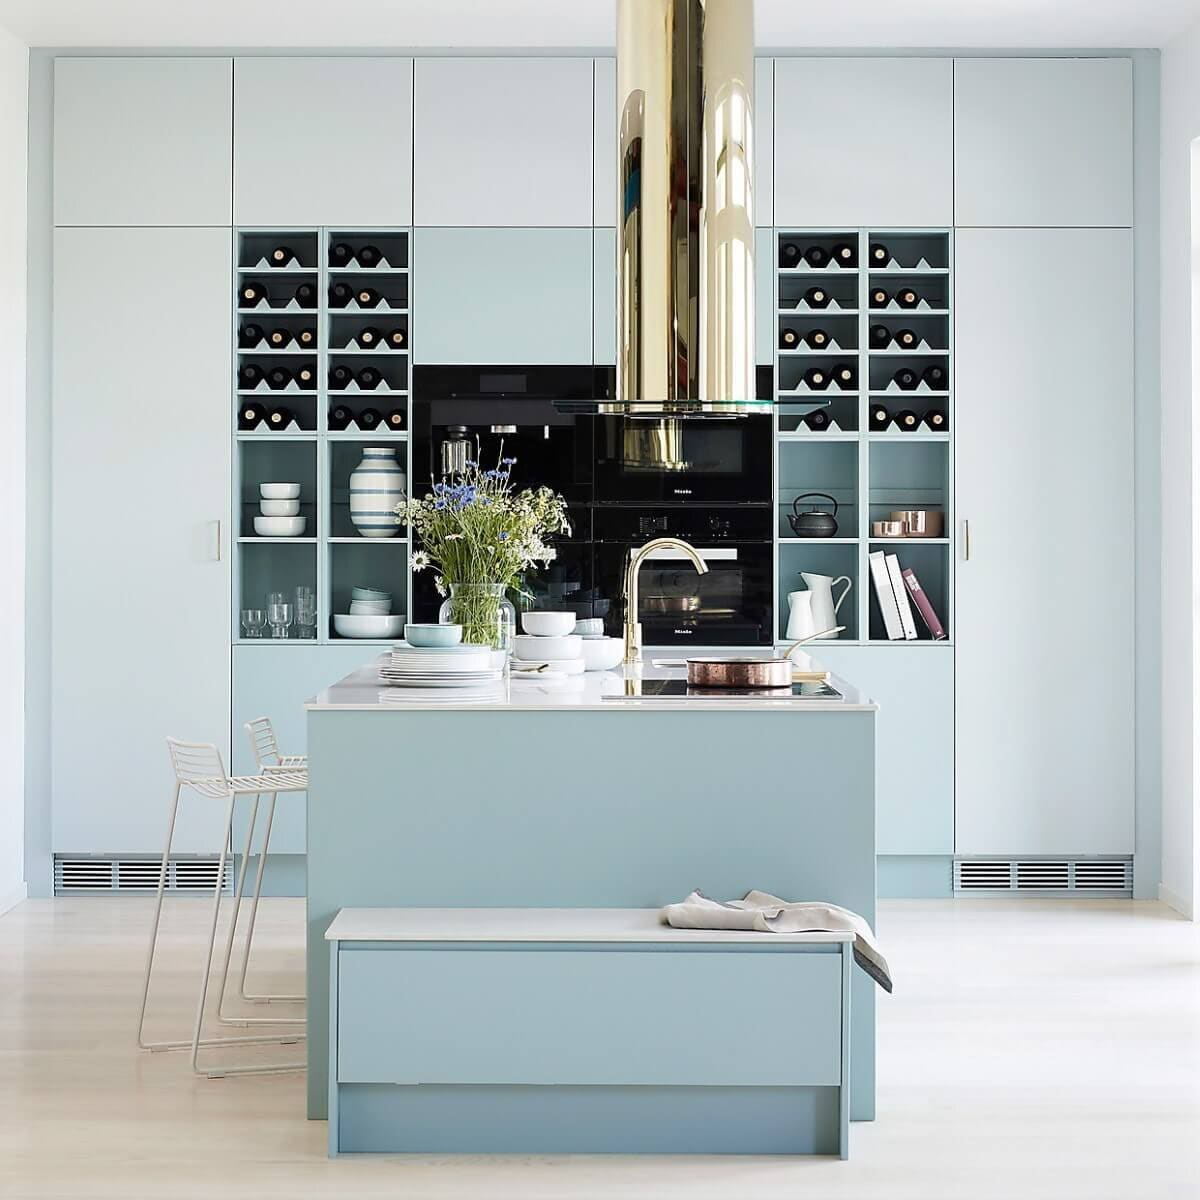 Frihängande köksfläkten Ikon i mässingutförande i modernt kök i ljusblåa toner.